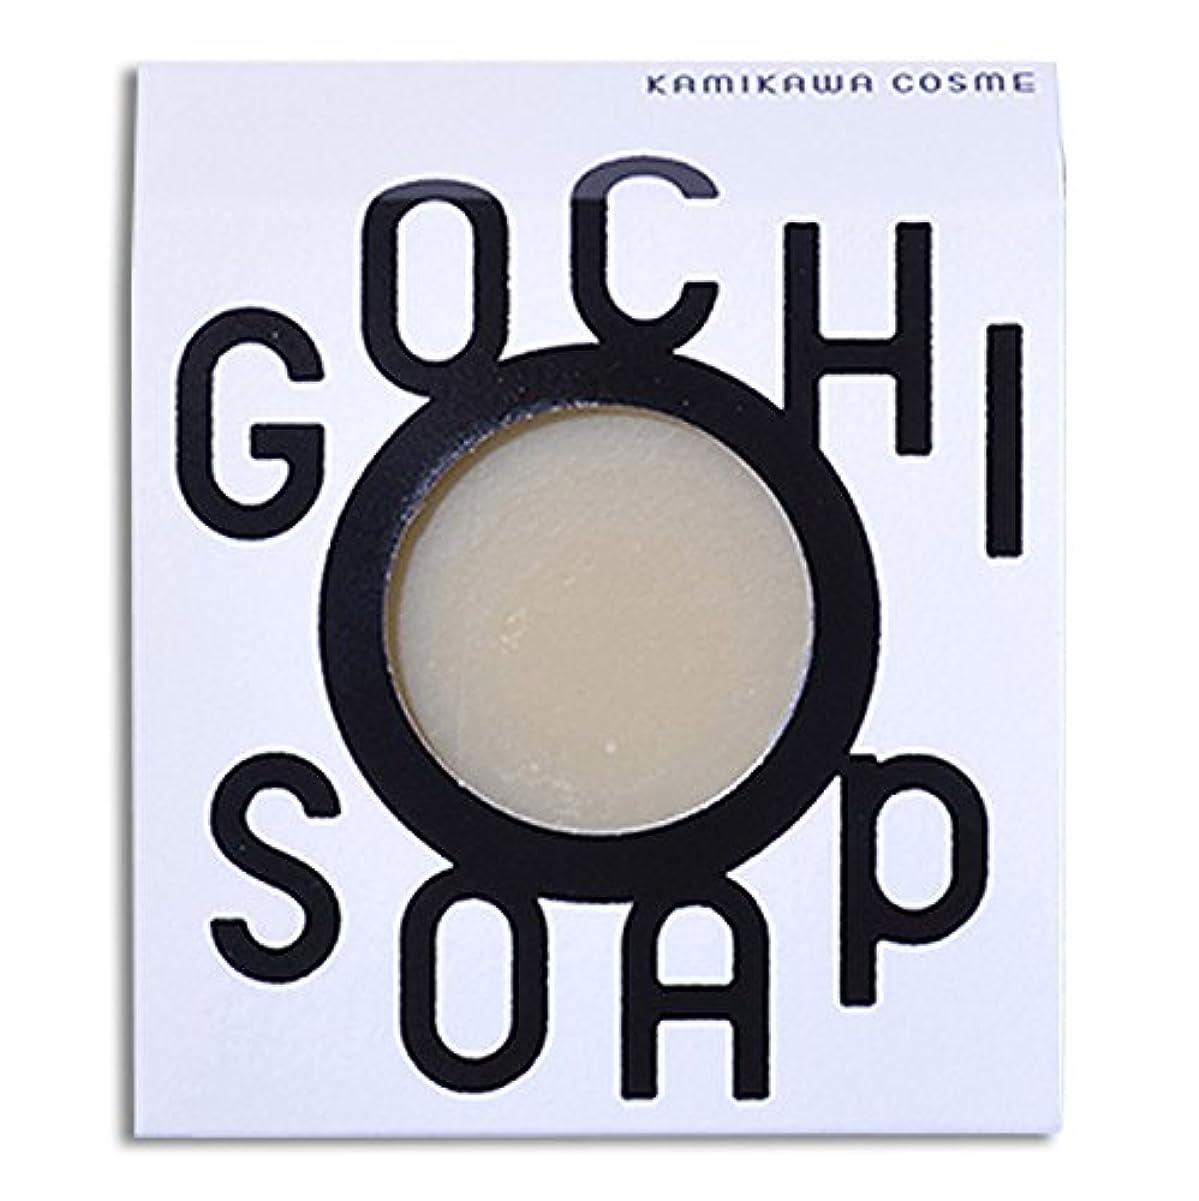 抵抗力があるムス敏感な道北の素材を使用したコスメブランド GOCHI SOAP(伊勢ファームの牛乳ソープ?平田こうじ店の米糀ソープ)各1個セット